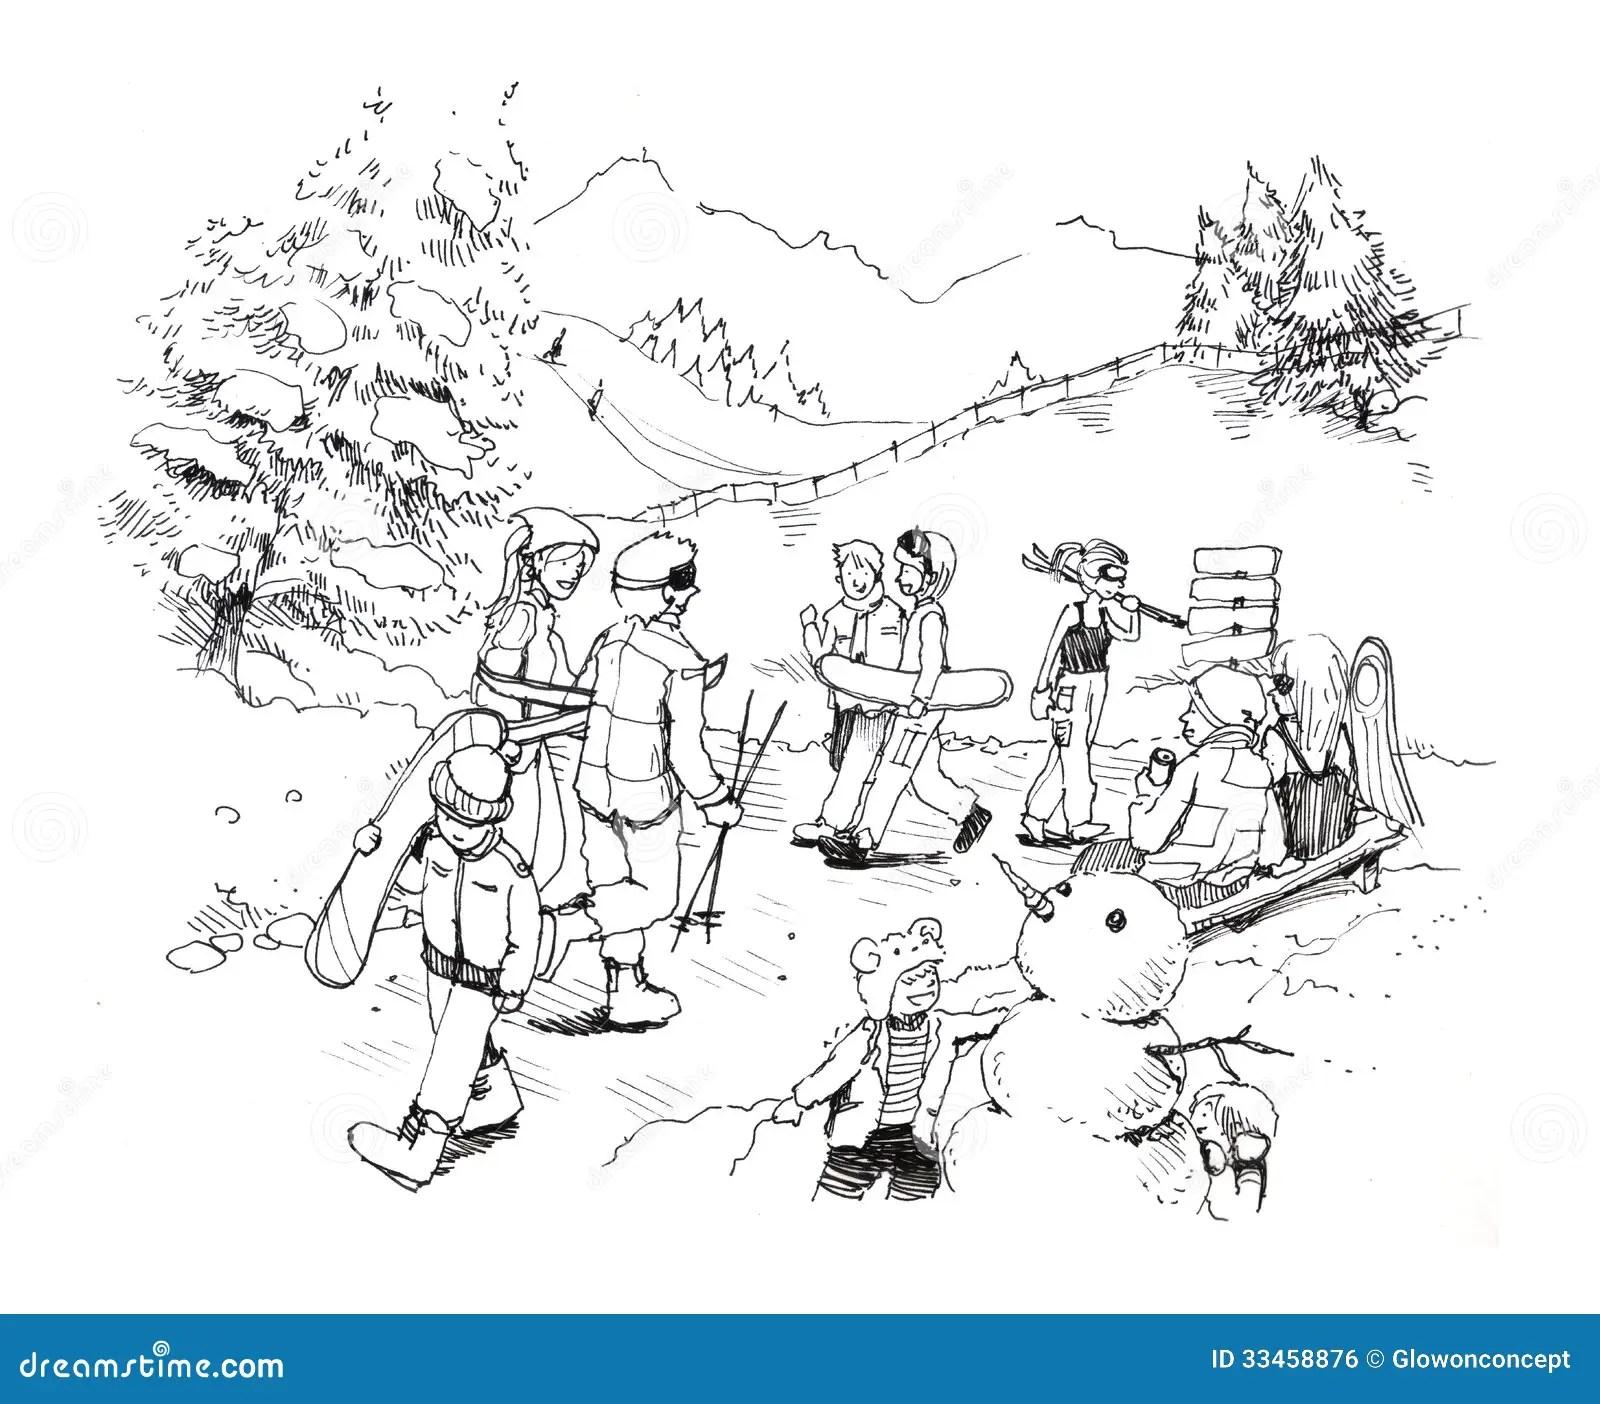 Skigondel In Der Winterschnee Karikaturzeichnung Stockfoto